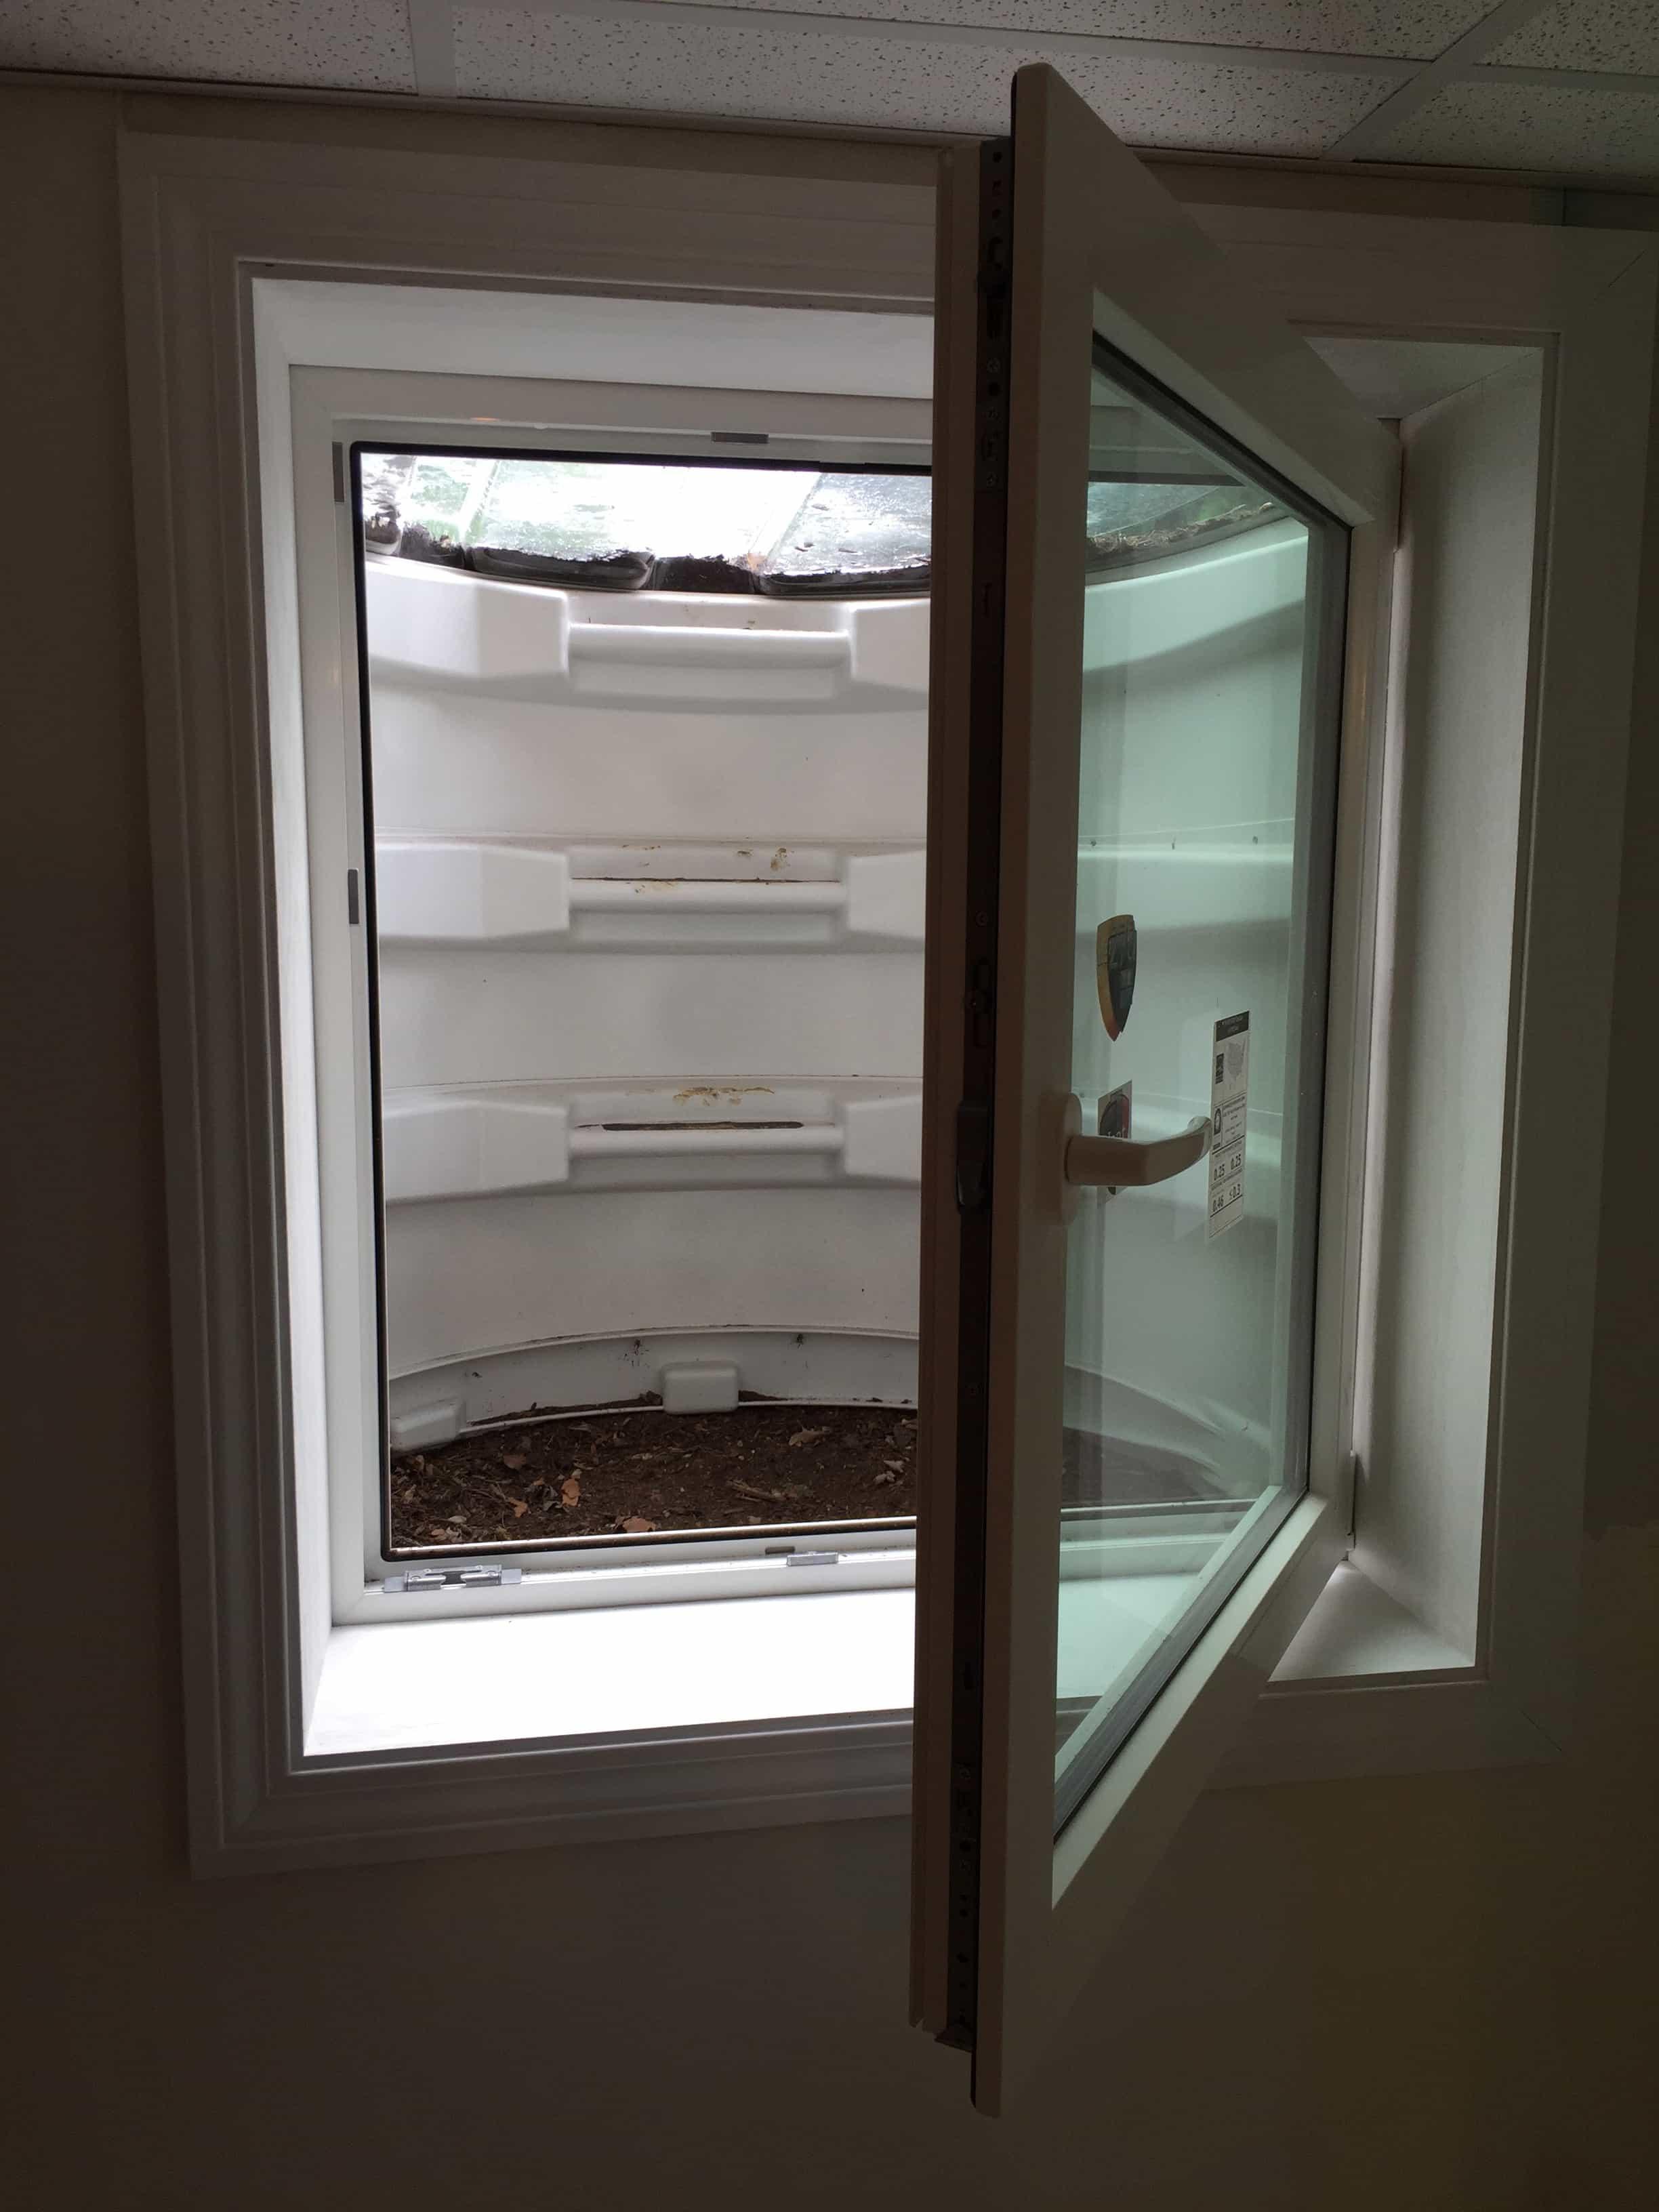 Egress windows from sahara window and doors - Basement bedroom egress window requirements ...